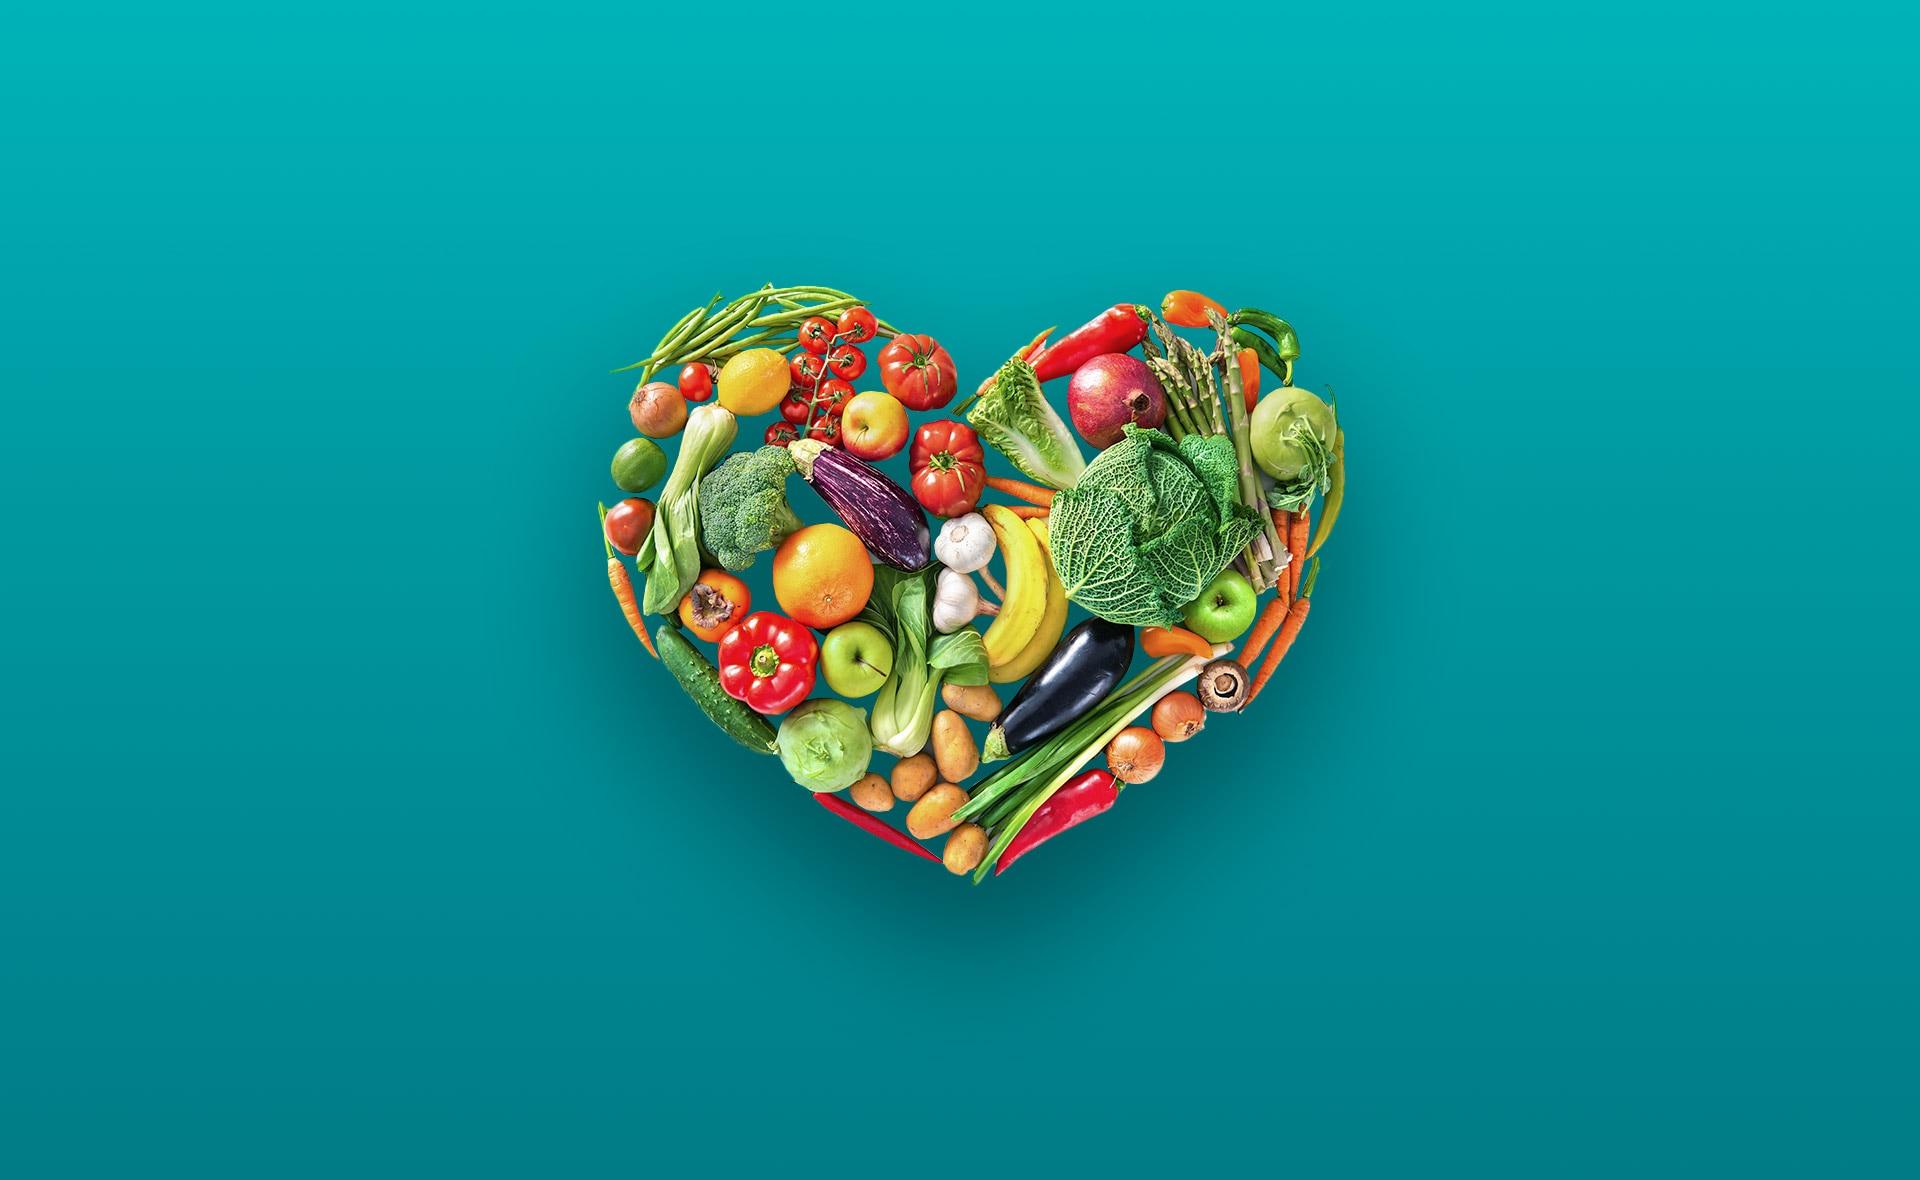 dieta_sostenible-saludable-reducir-huella-carbono